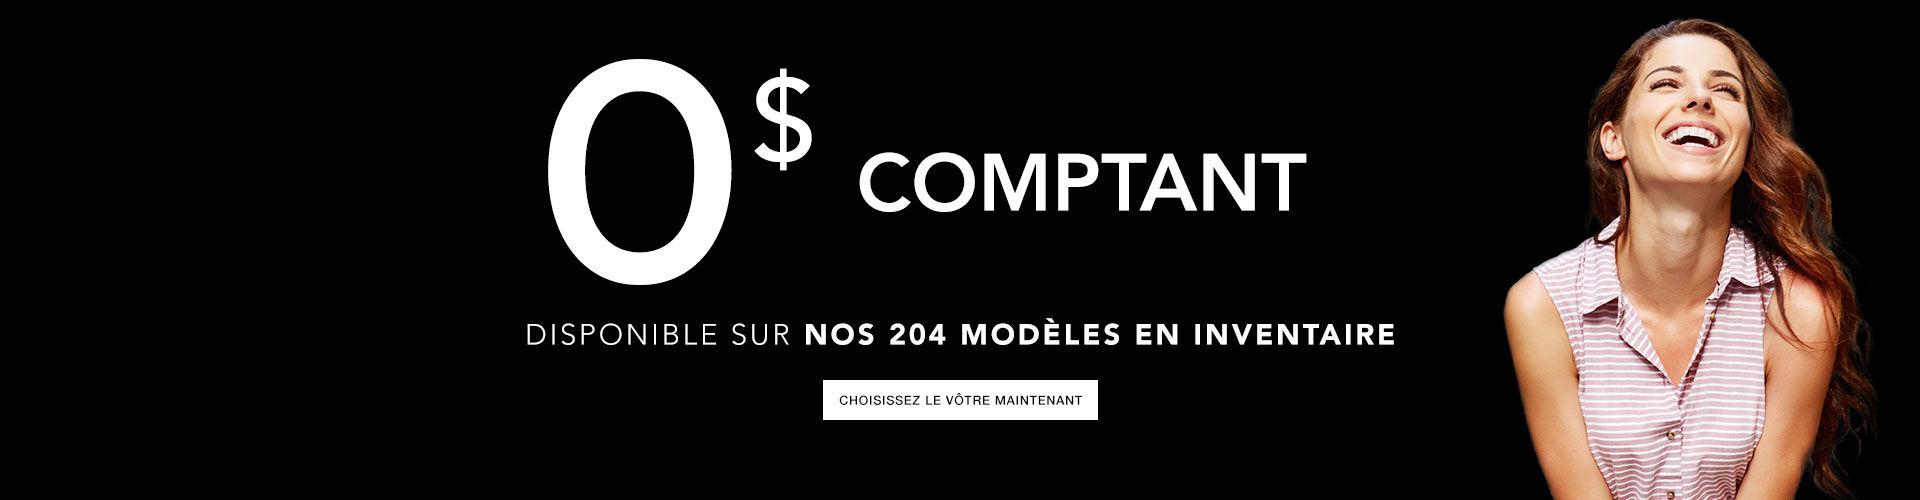 0 comptant sur 204 modèles